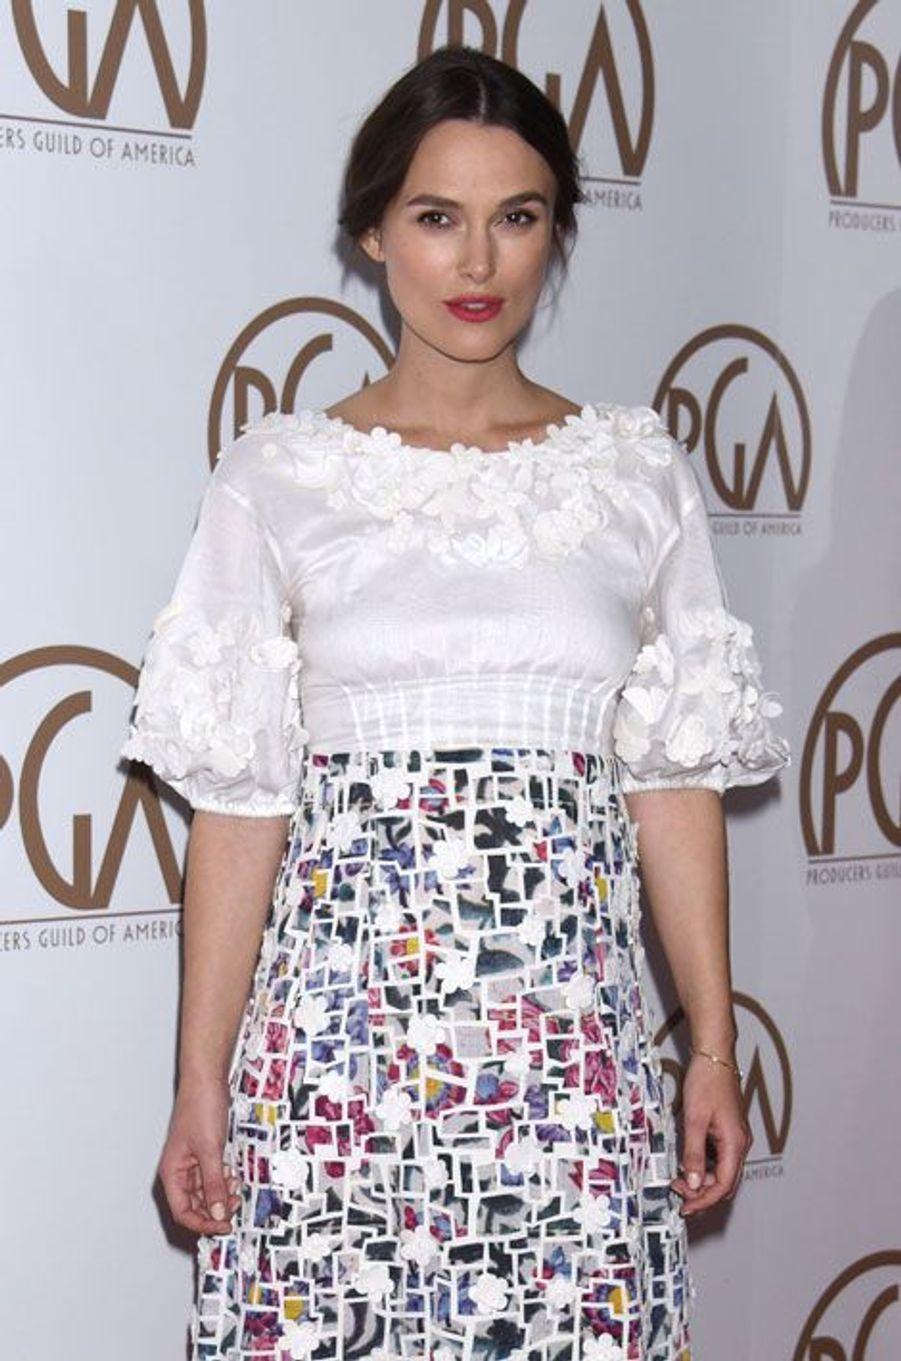 Keira Knightley lors de la cérémonie des Producers Guild Awards à Los Angeles, le 24 janvier 2015